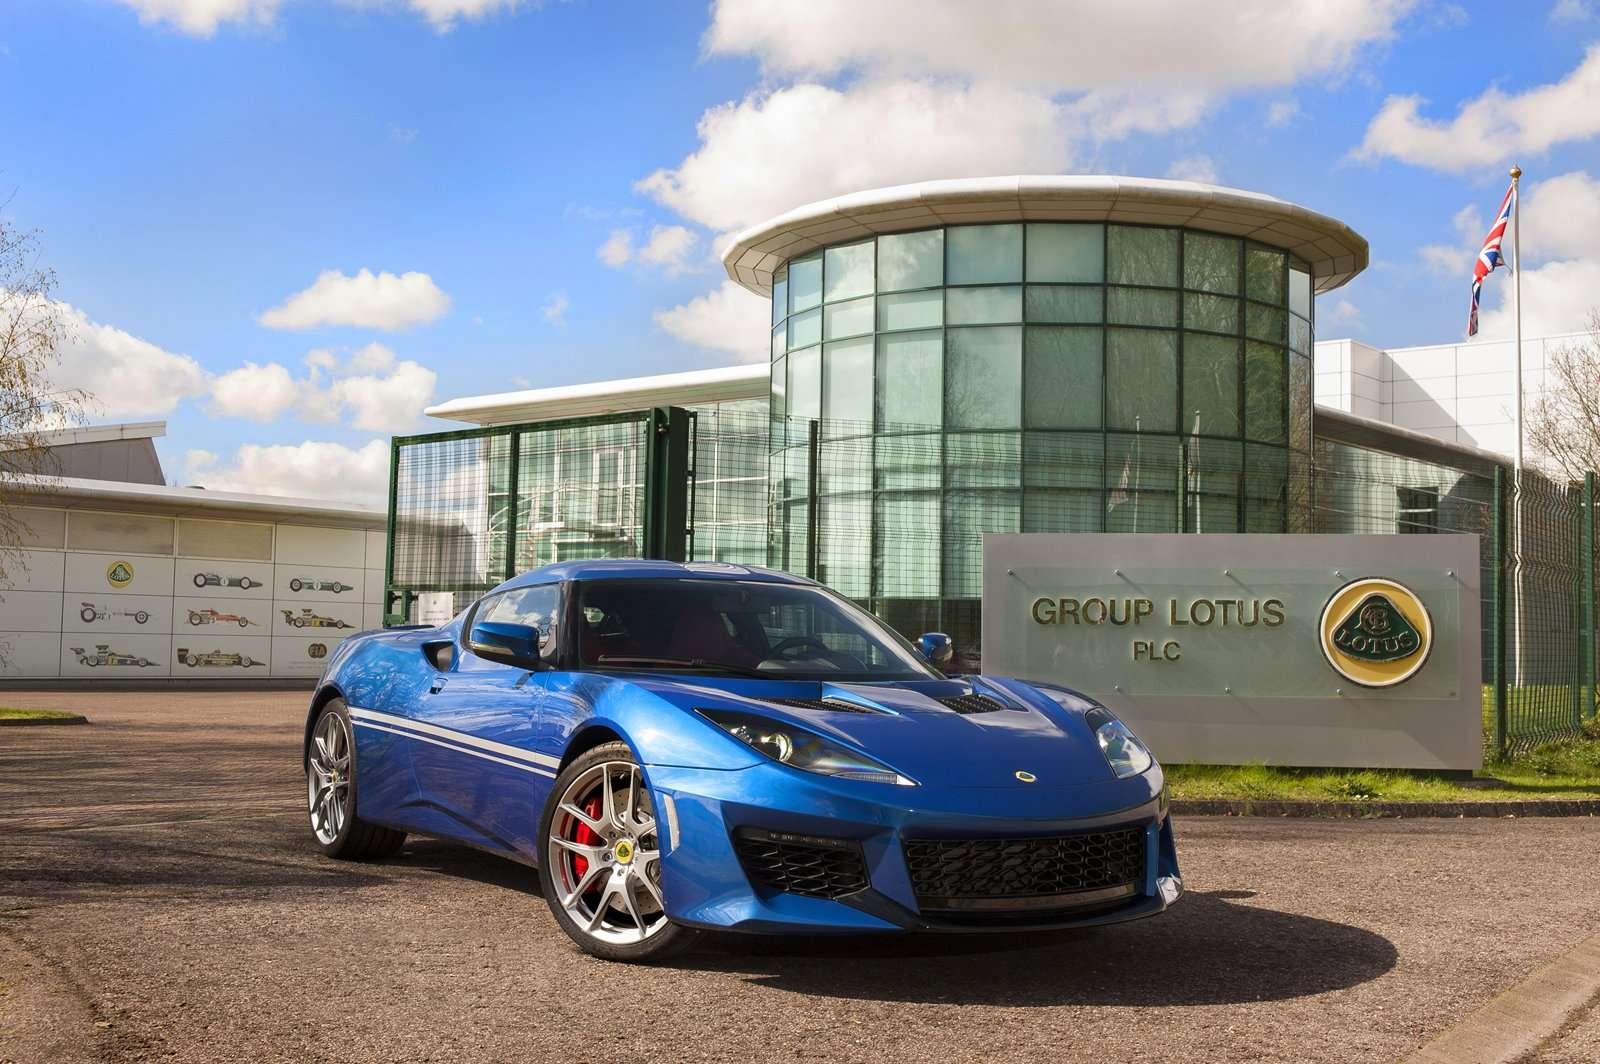 Lotus Luncurkan Evora 400 Hethel Edition Rayakan 50 Tahun